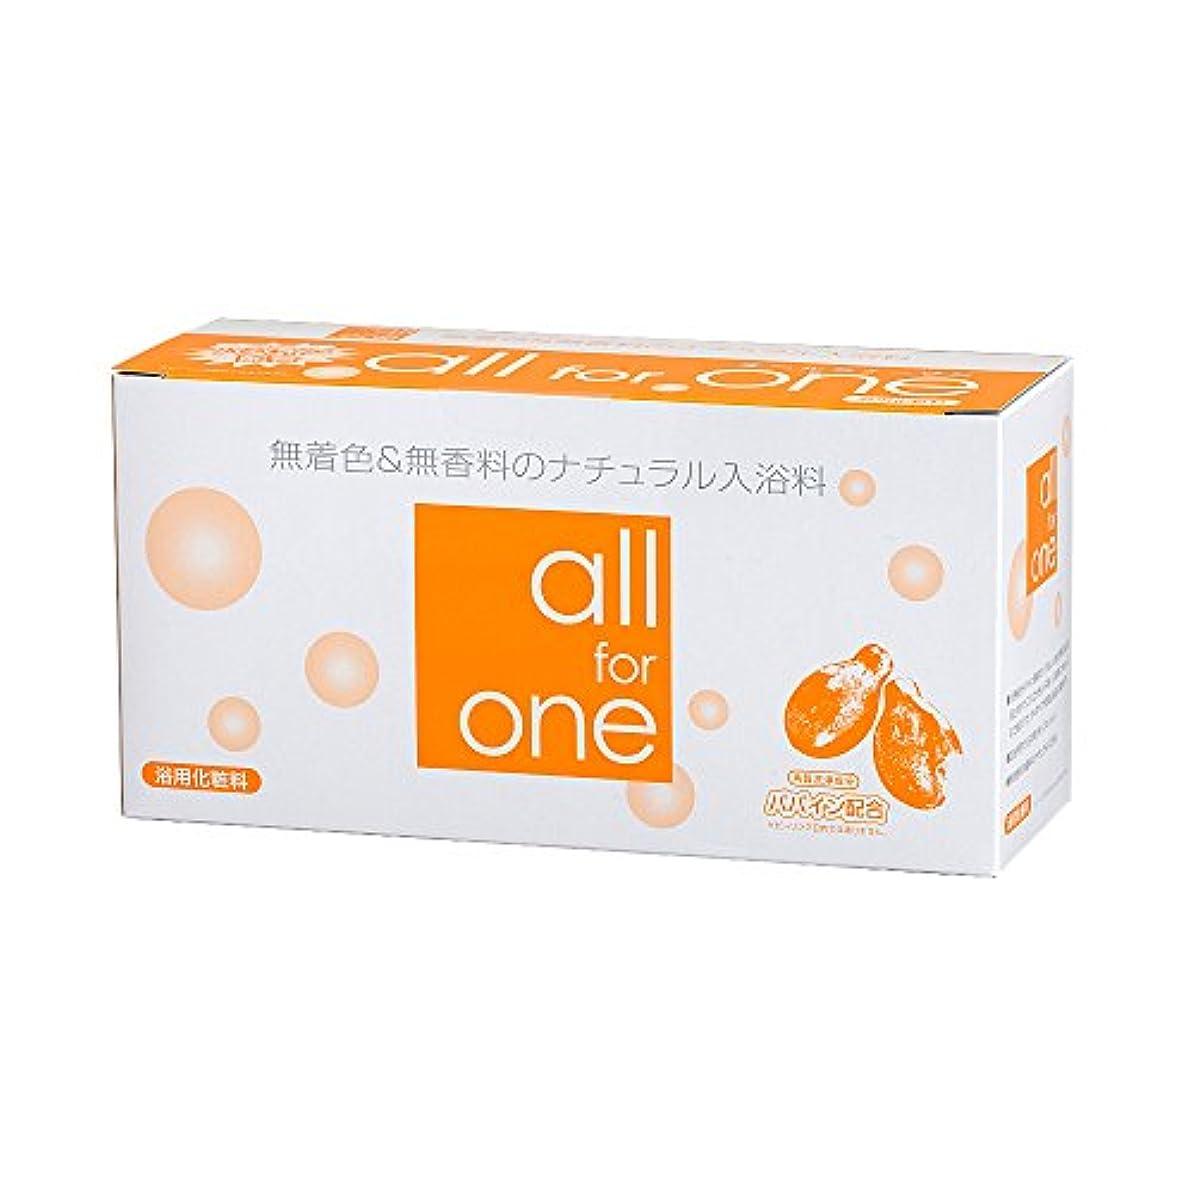 ラテンボード絡まるパパイン酵素配合 無着色&無香料 ナチュラル入浴剤 all for one 30包